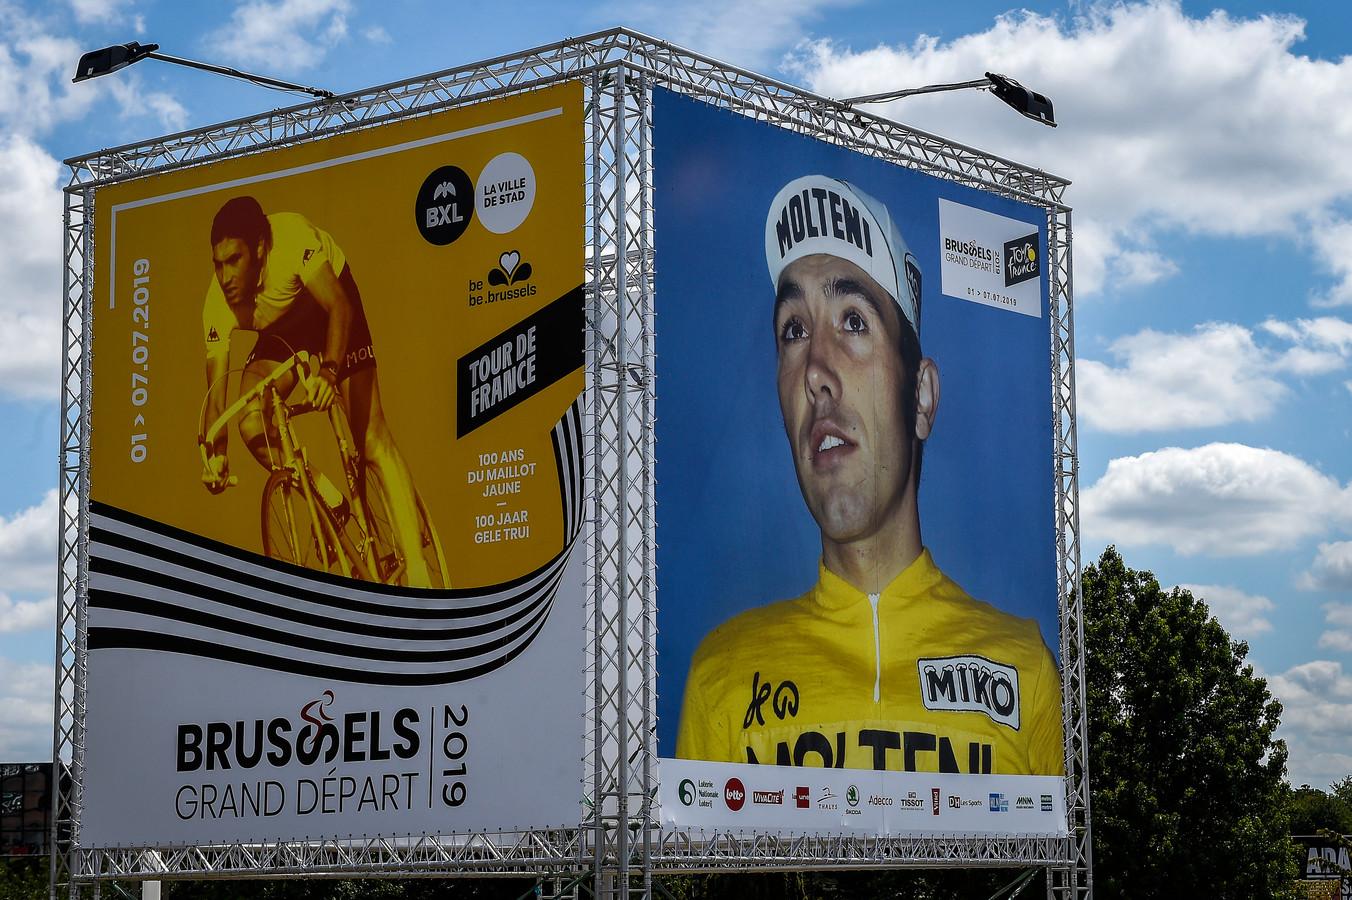 D'énormes photos d'Eddy Merckx sont présentes dans Bruxelles pour rendre hommage à la légende, cinq fois vainqueur du Tour de France.